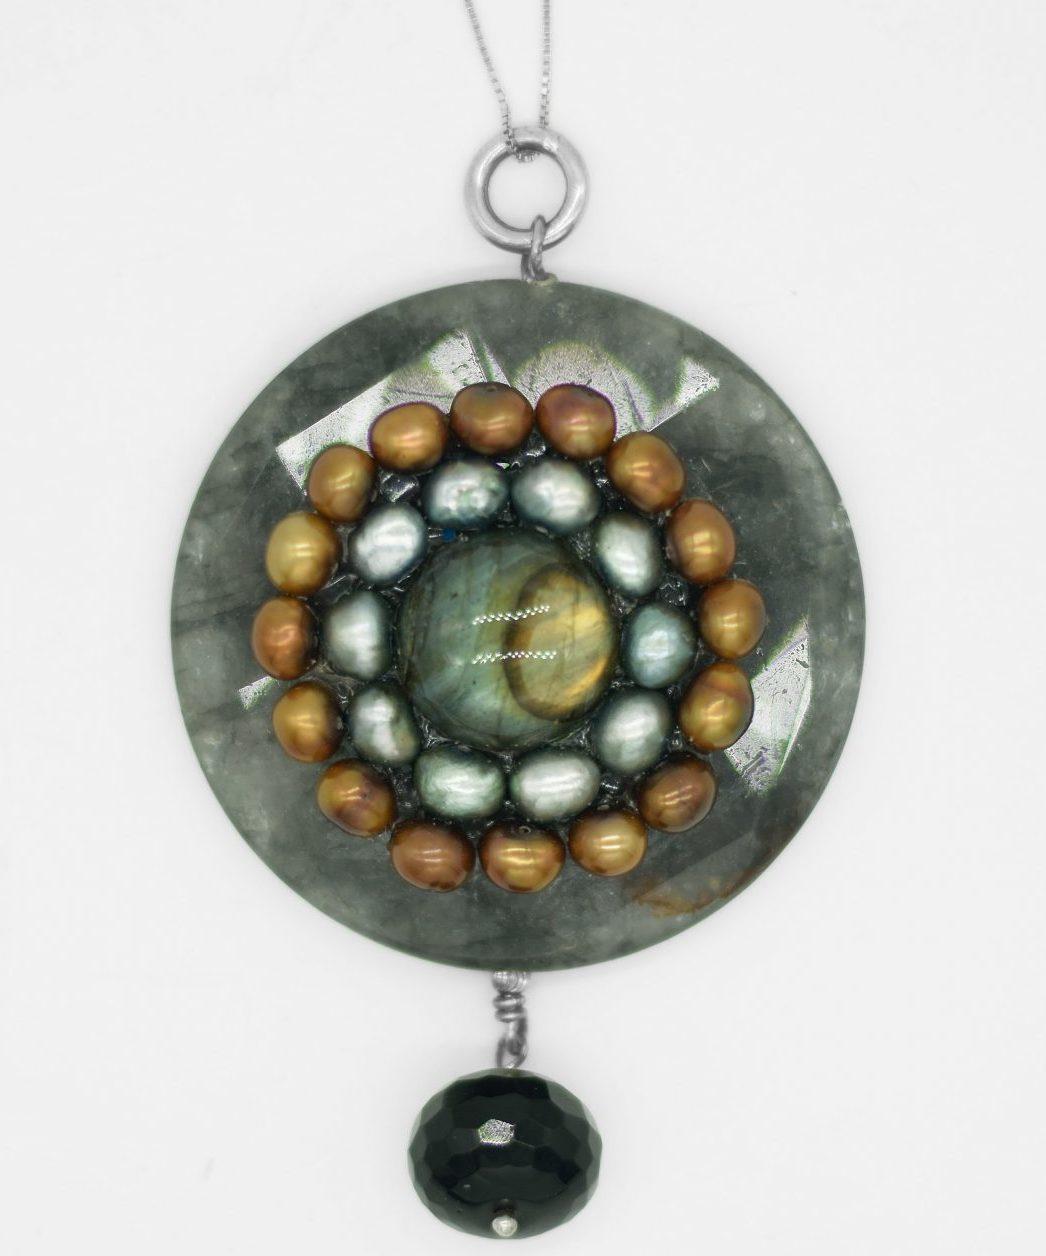 صديقتان ايطاليتان تبدعان مجوهرات باستخدام الأحجار الكريمة